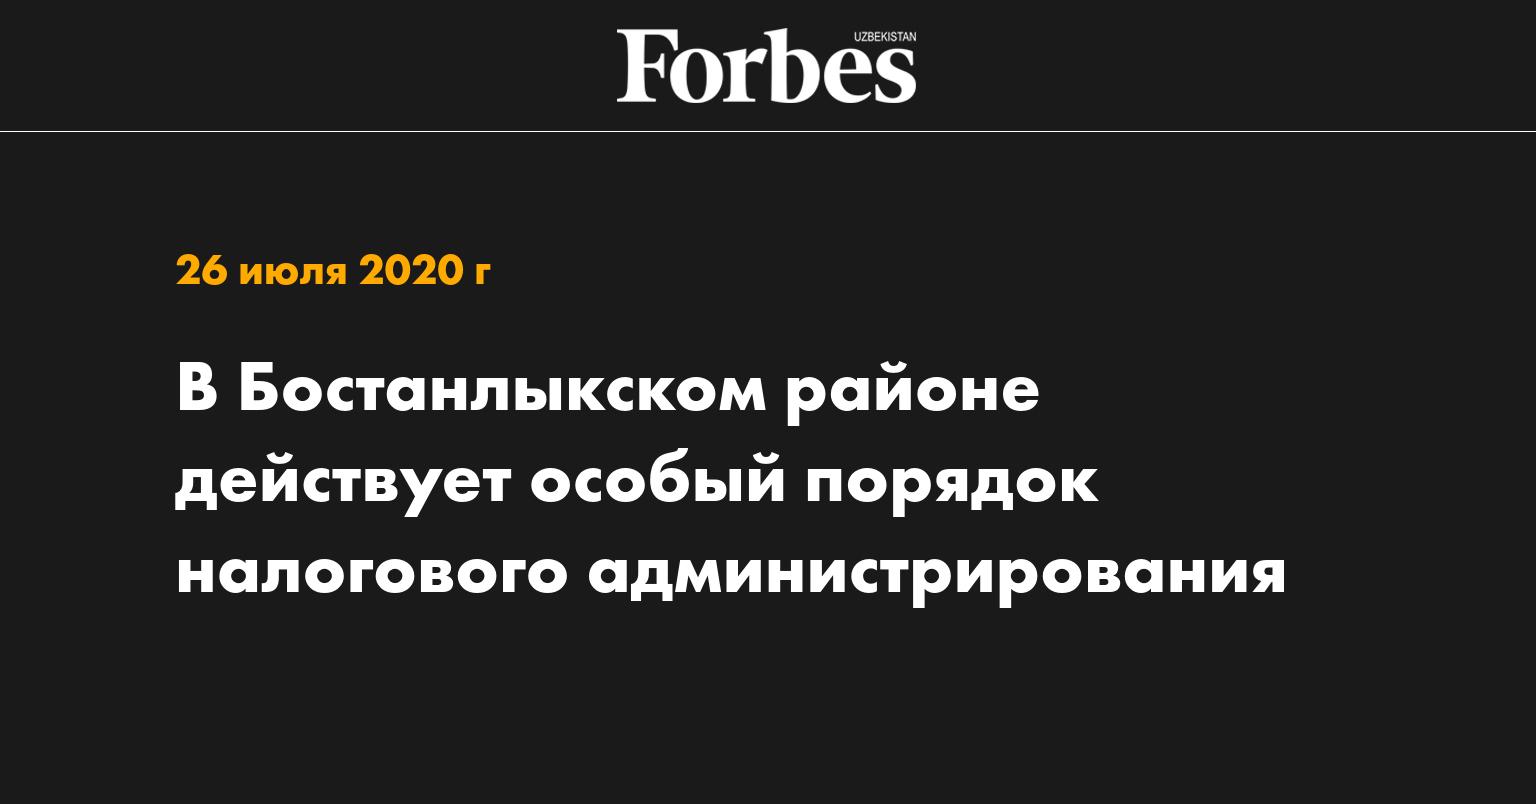 В Бостанлыкском районе действует особый порядок налогового администрирования